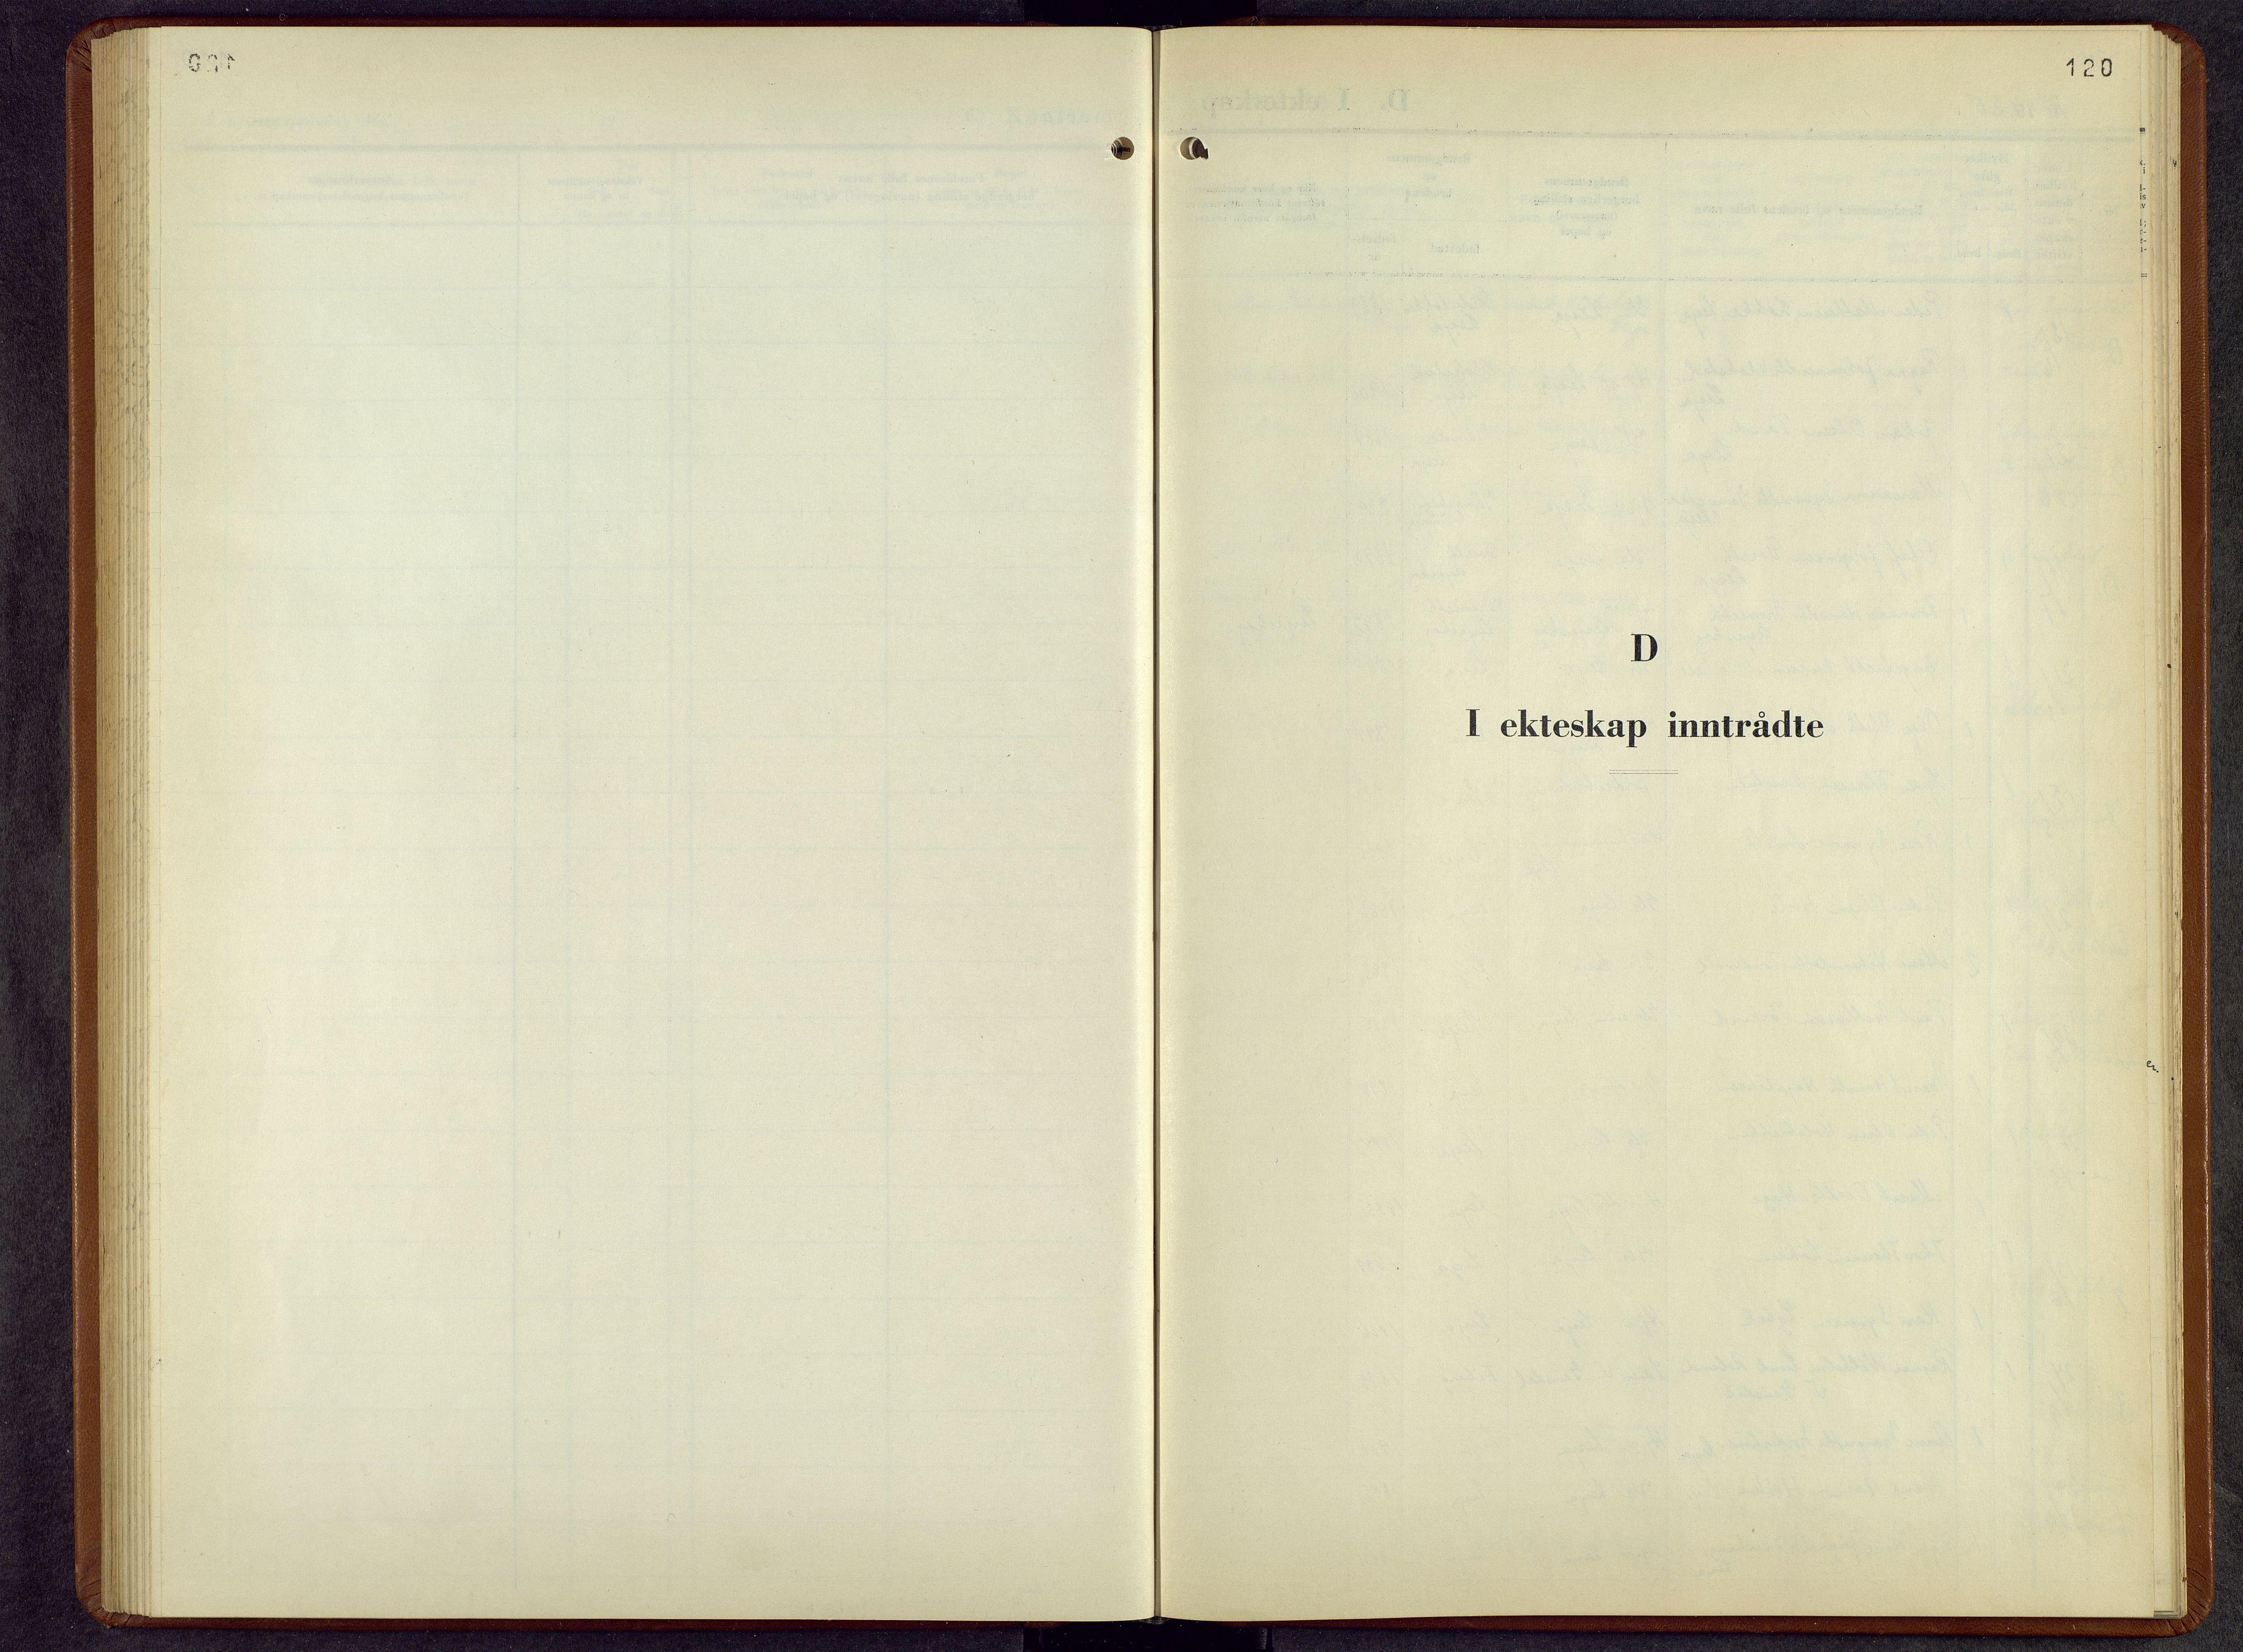 SAH, Lesja prestekontor, Parish register (copy) no. 10, 1925-1960, p. 120